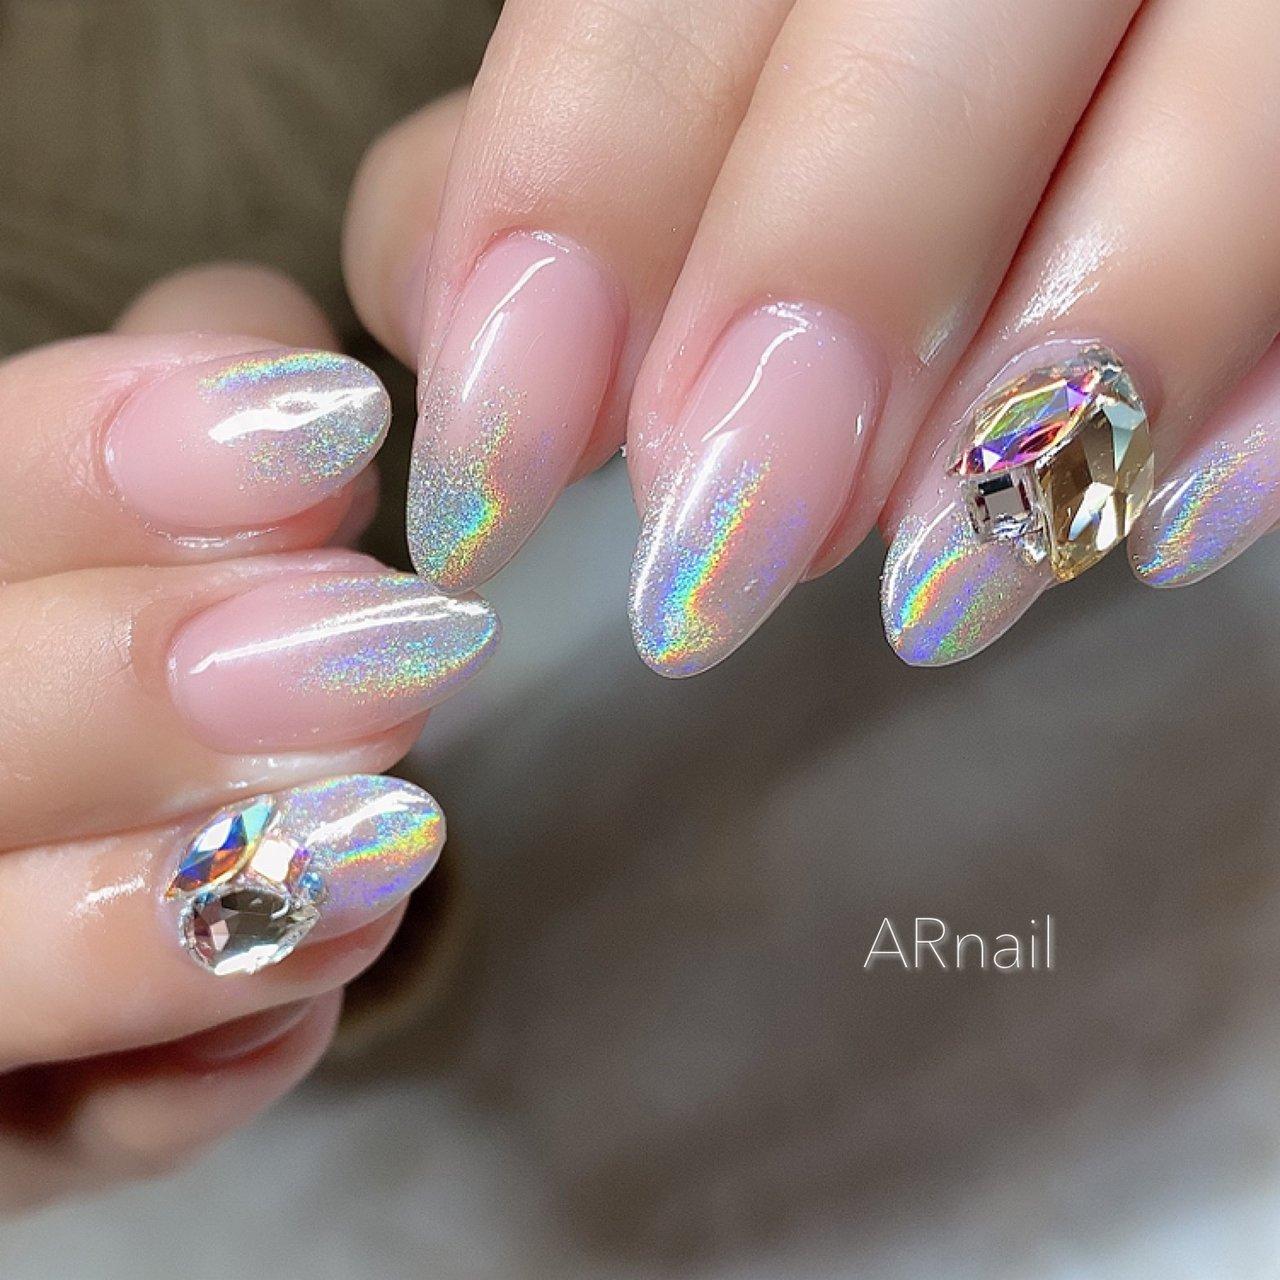 #ユニコーン #ユニコーンネイル #冬 #ビジュー #ビジューネイル Instagram→aki_.nail #nail_aki #ネイルブック